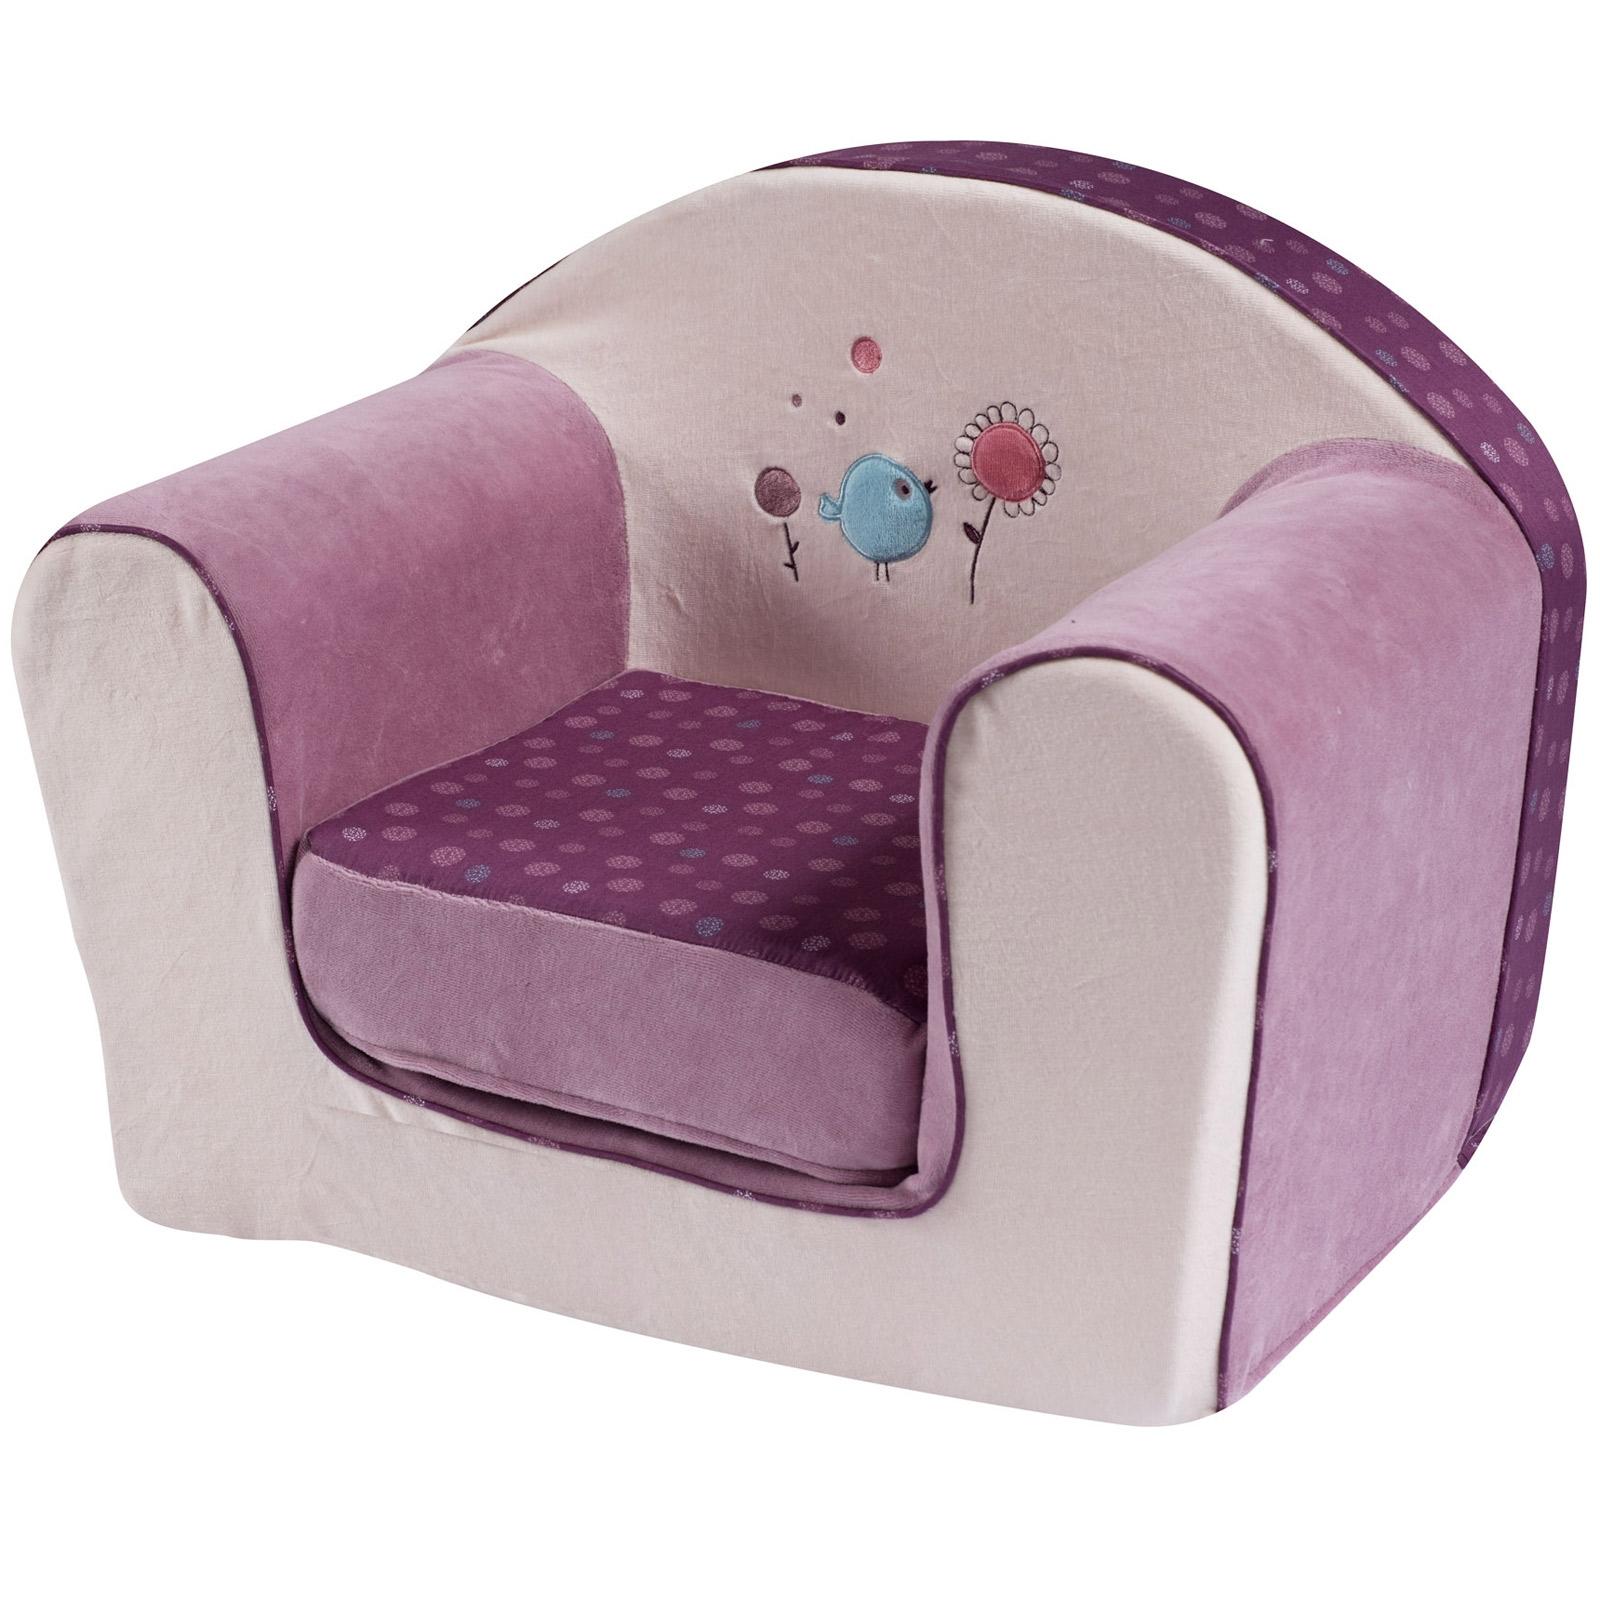 Fauteuil bébé une sélection de petits fauteuils confortables